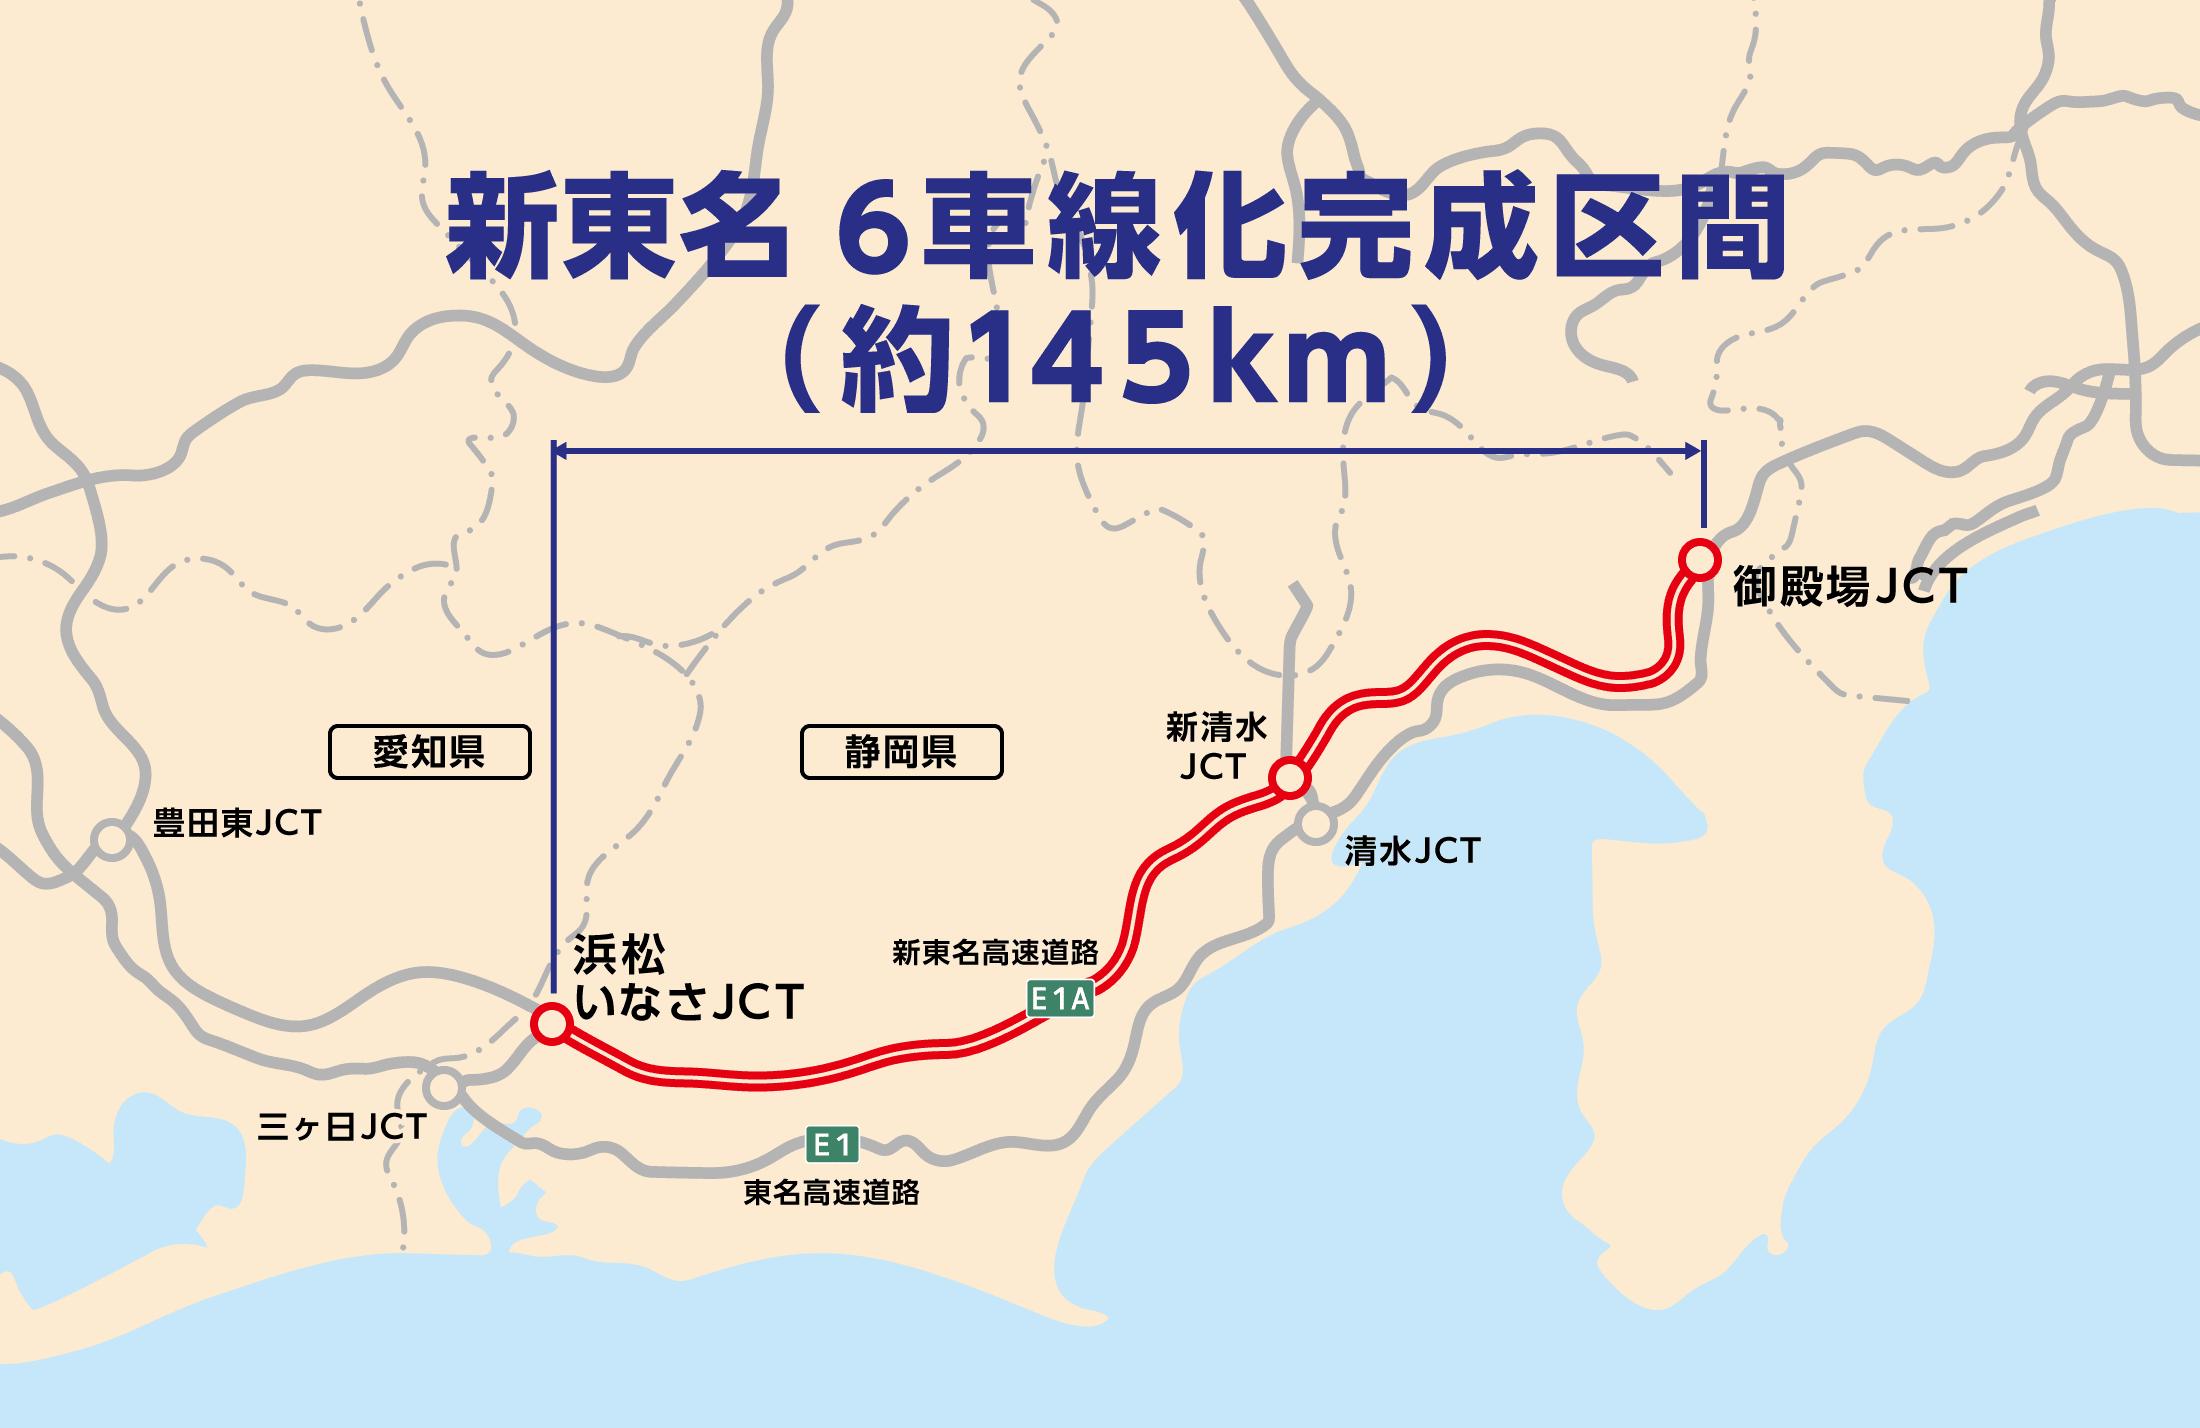 東名軸 大規模工事サイト | 中日本高速道路の高速情報